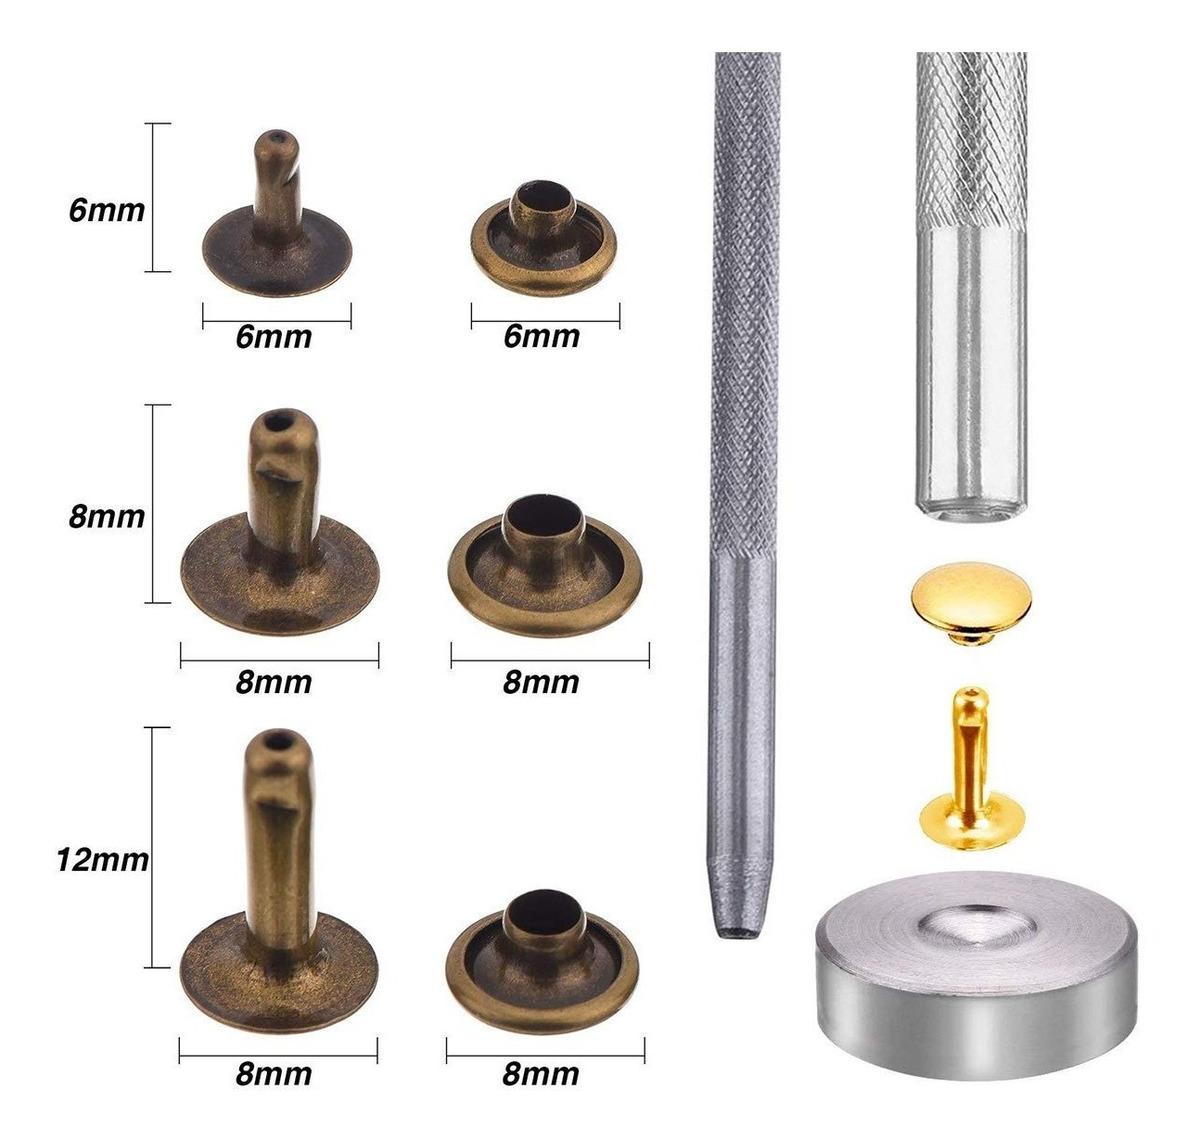 Kit de herramientas de fijaci/ón de remaches de cuero 7 en 1 Set de remachado de acero con base Herramienta de artesan/ía Kit de broche de perforaci/ón para instalar el bot/ón de remache y el orificio de